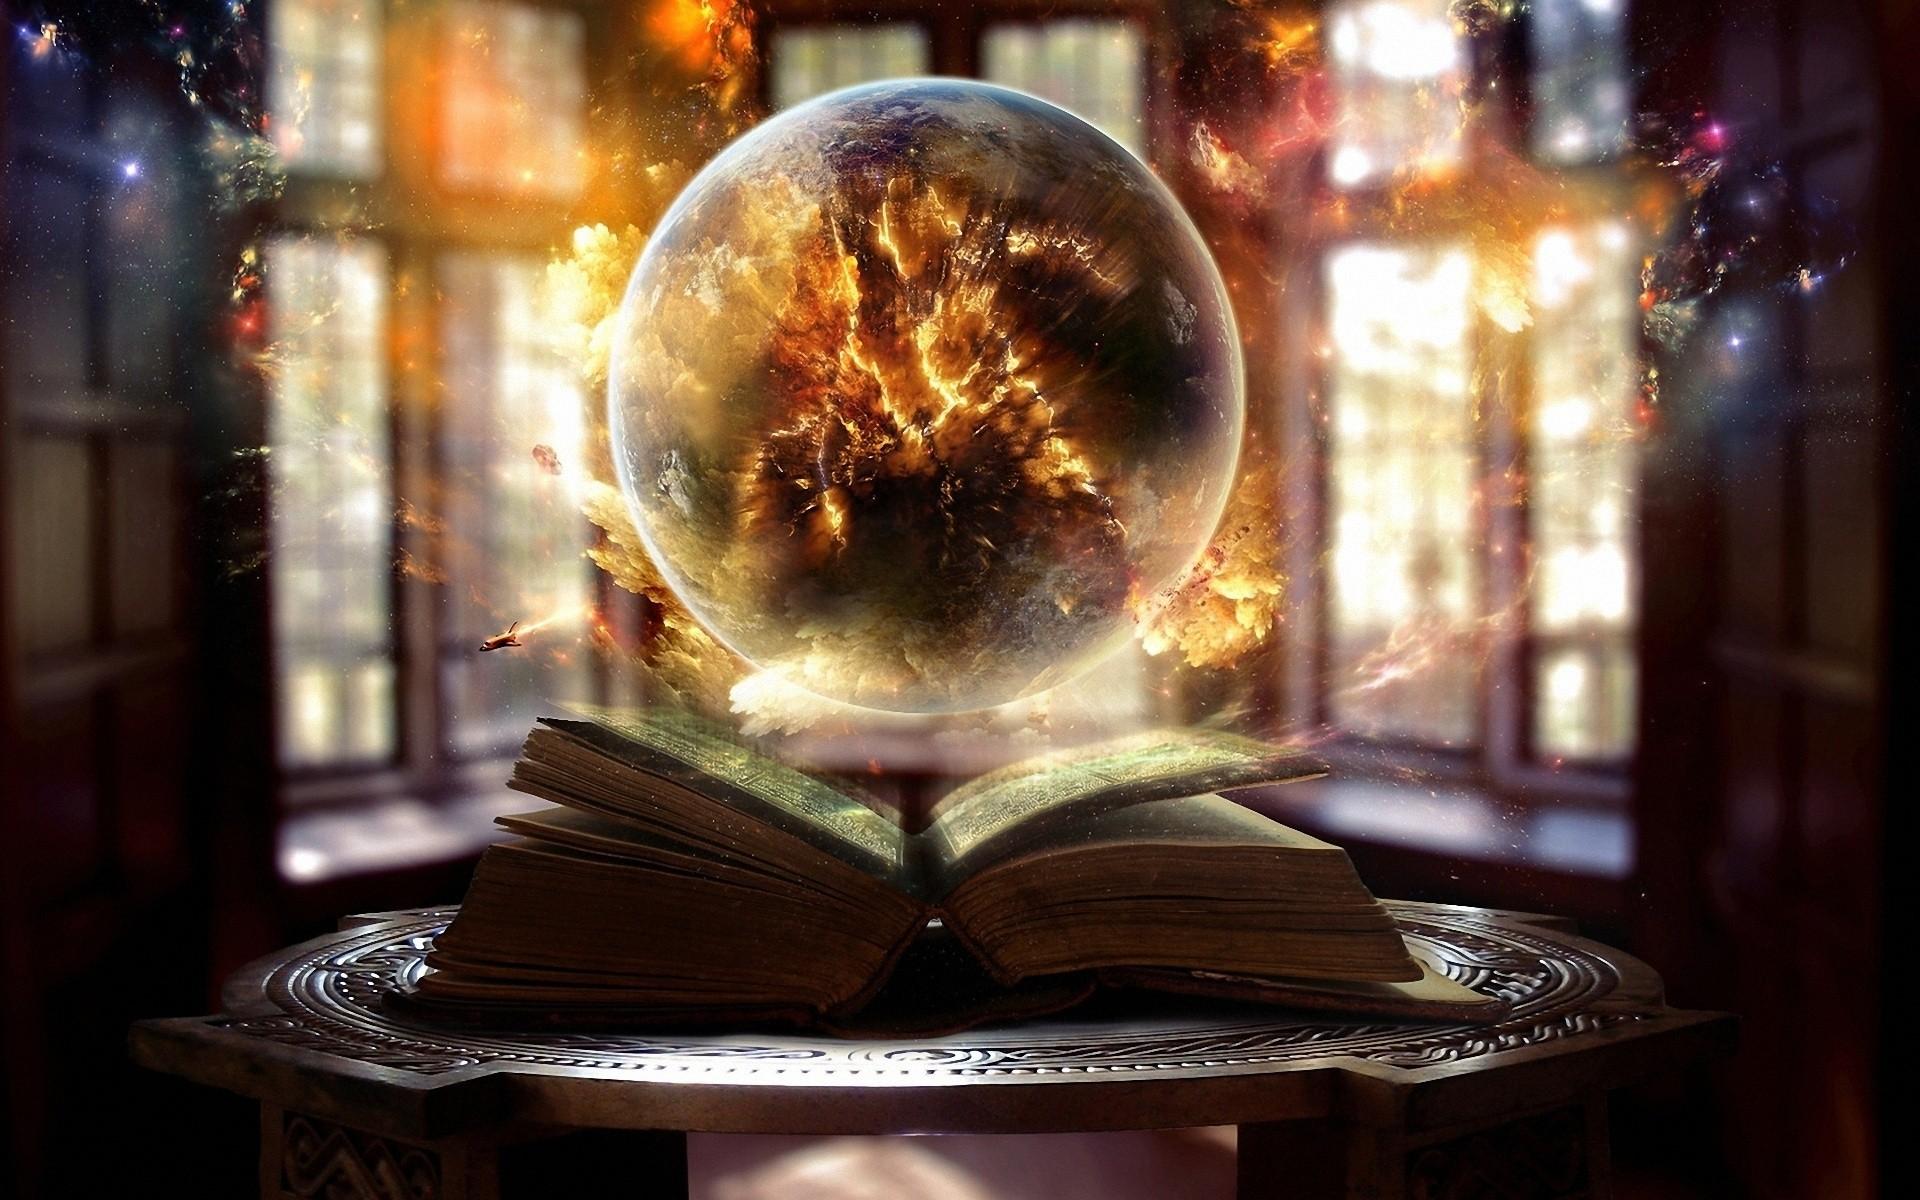 Magic Book   Wallpaper 37405 1920x1200